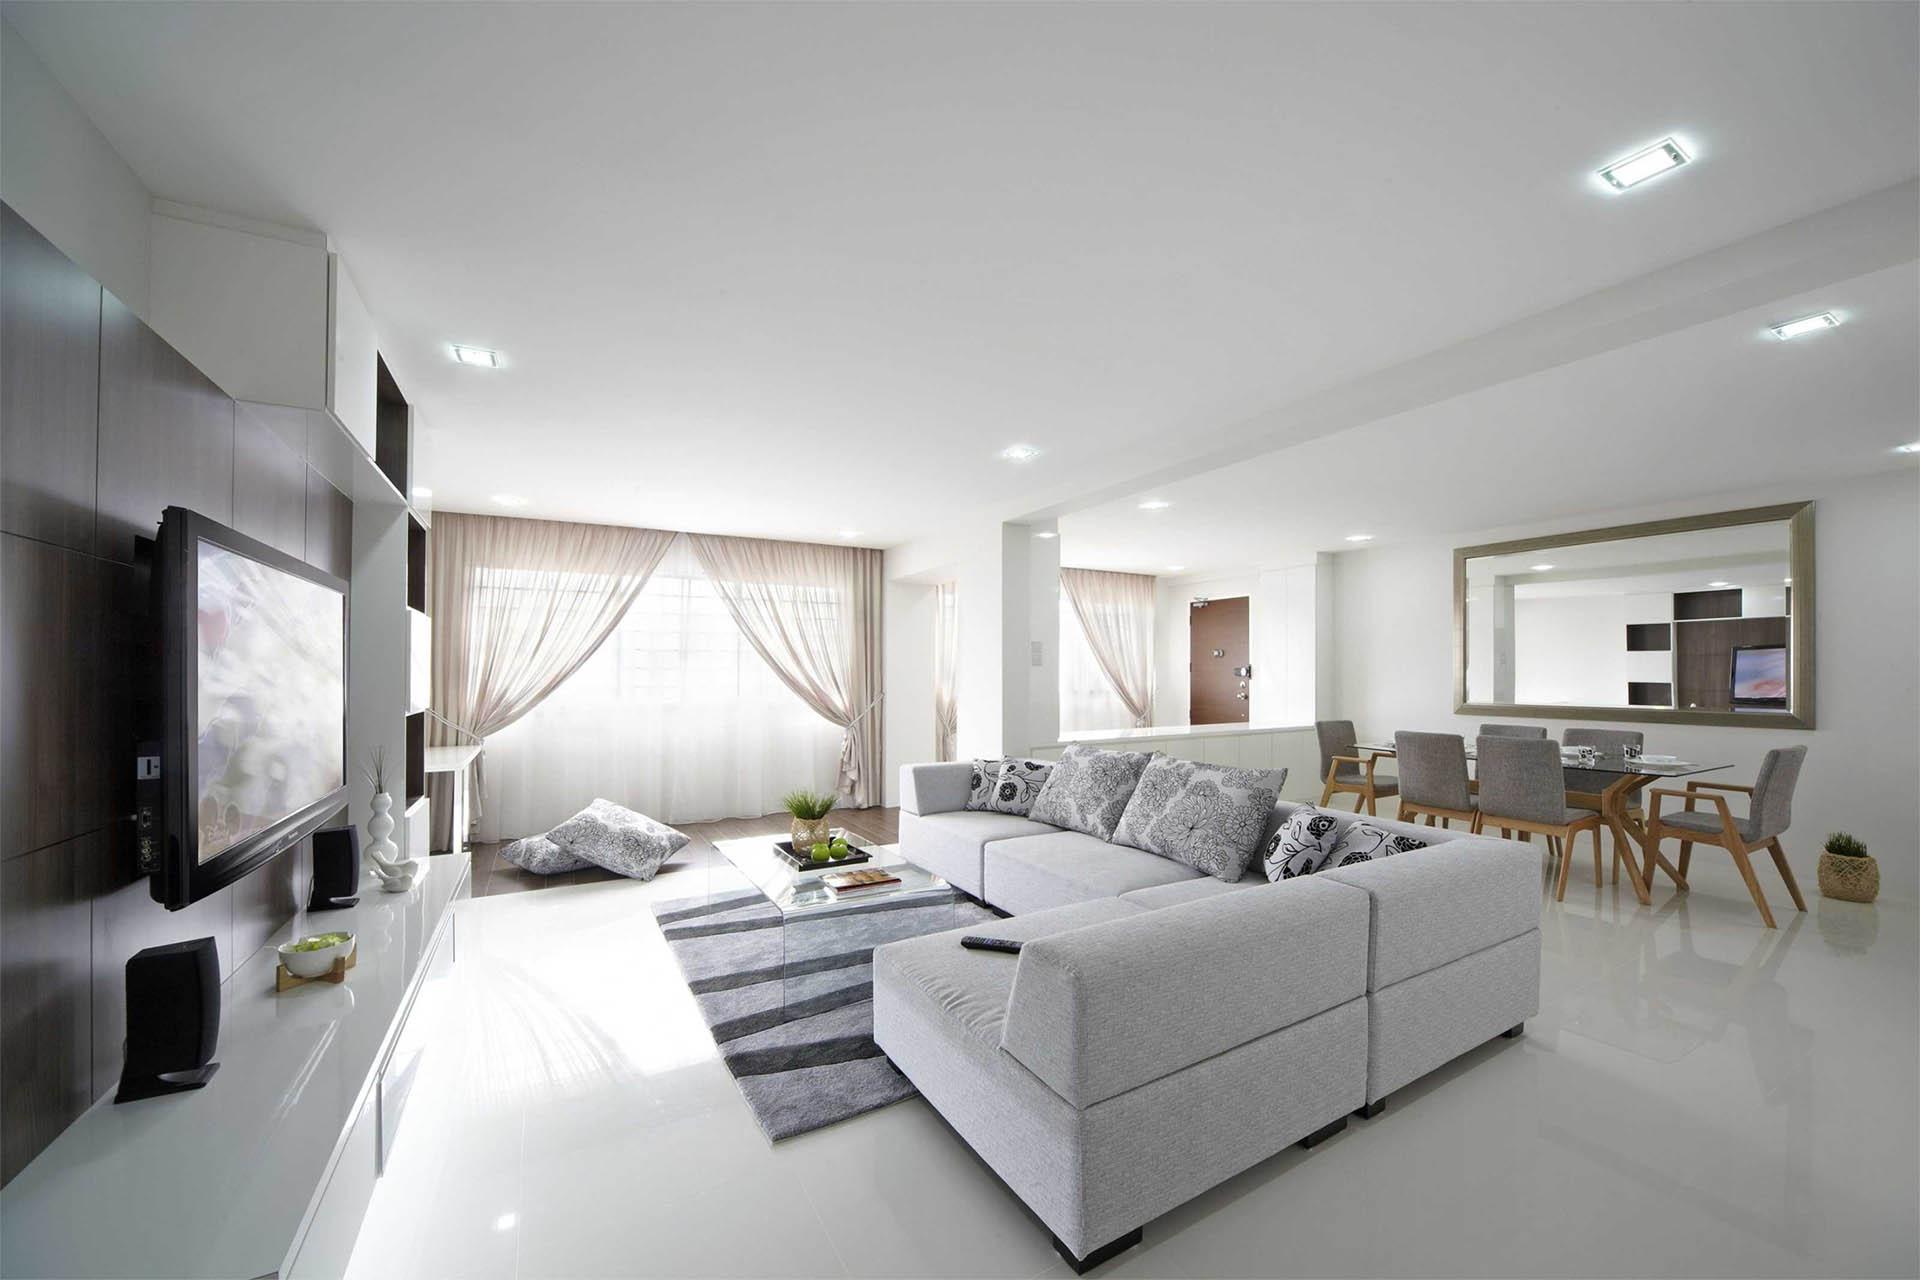 Living room white ceramic tiles